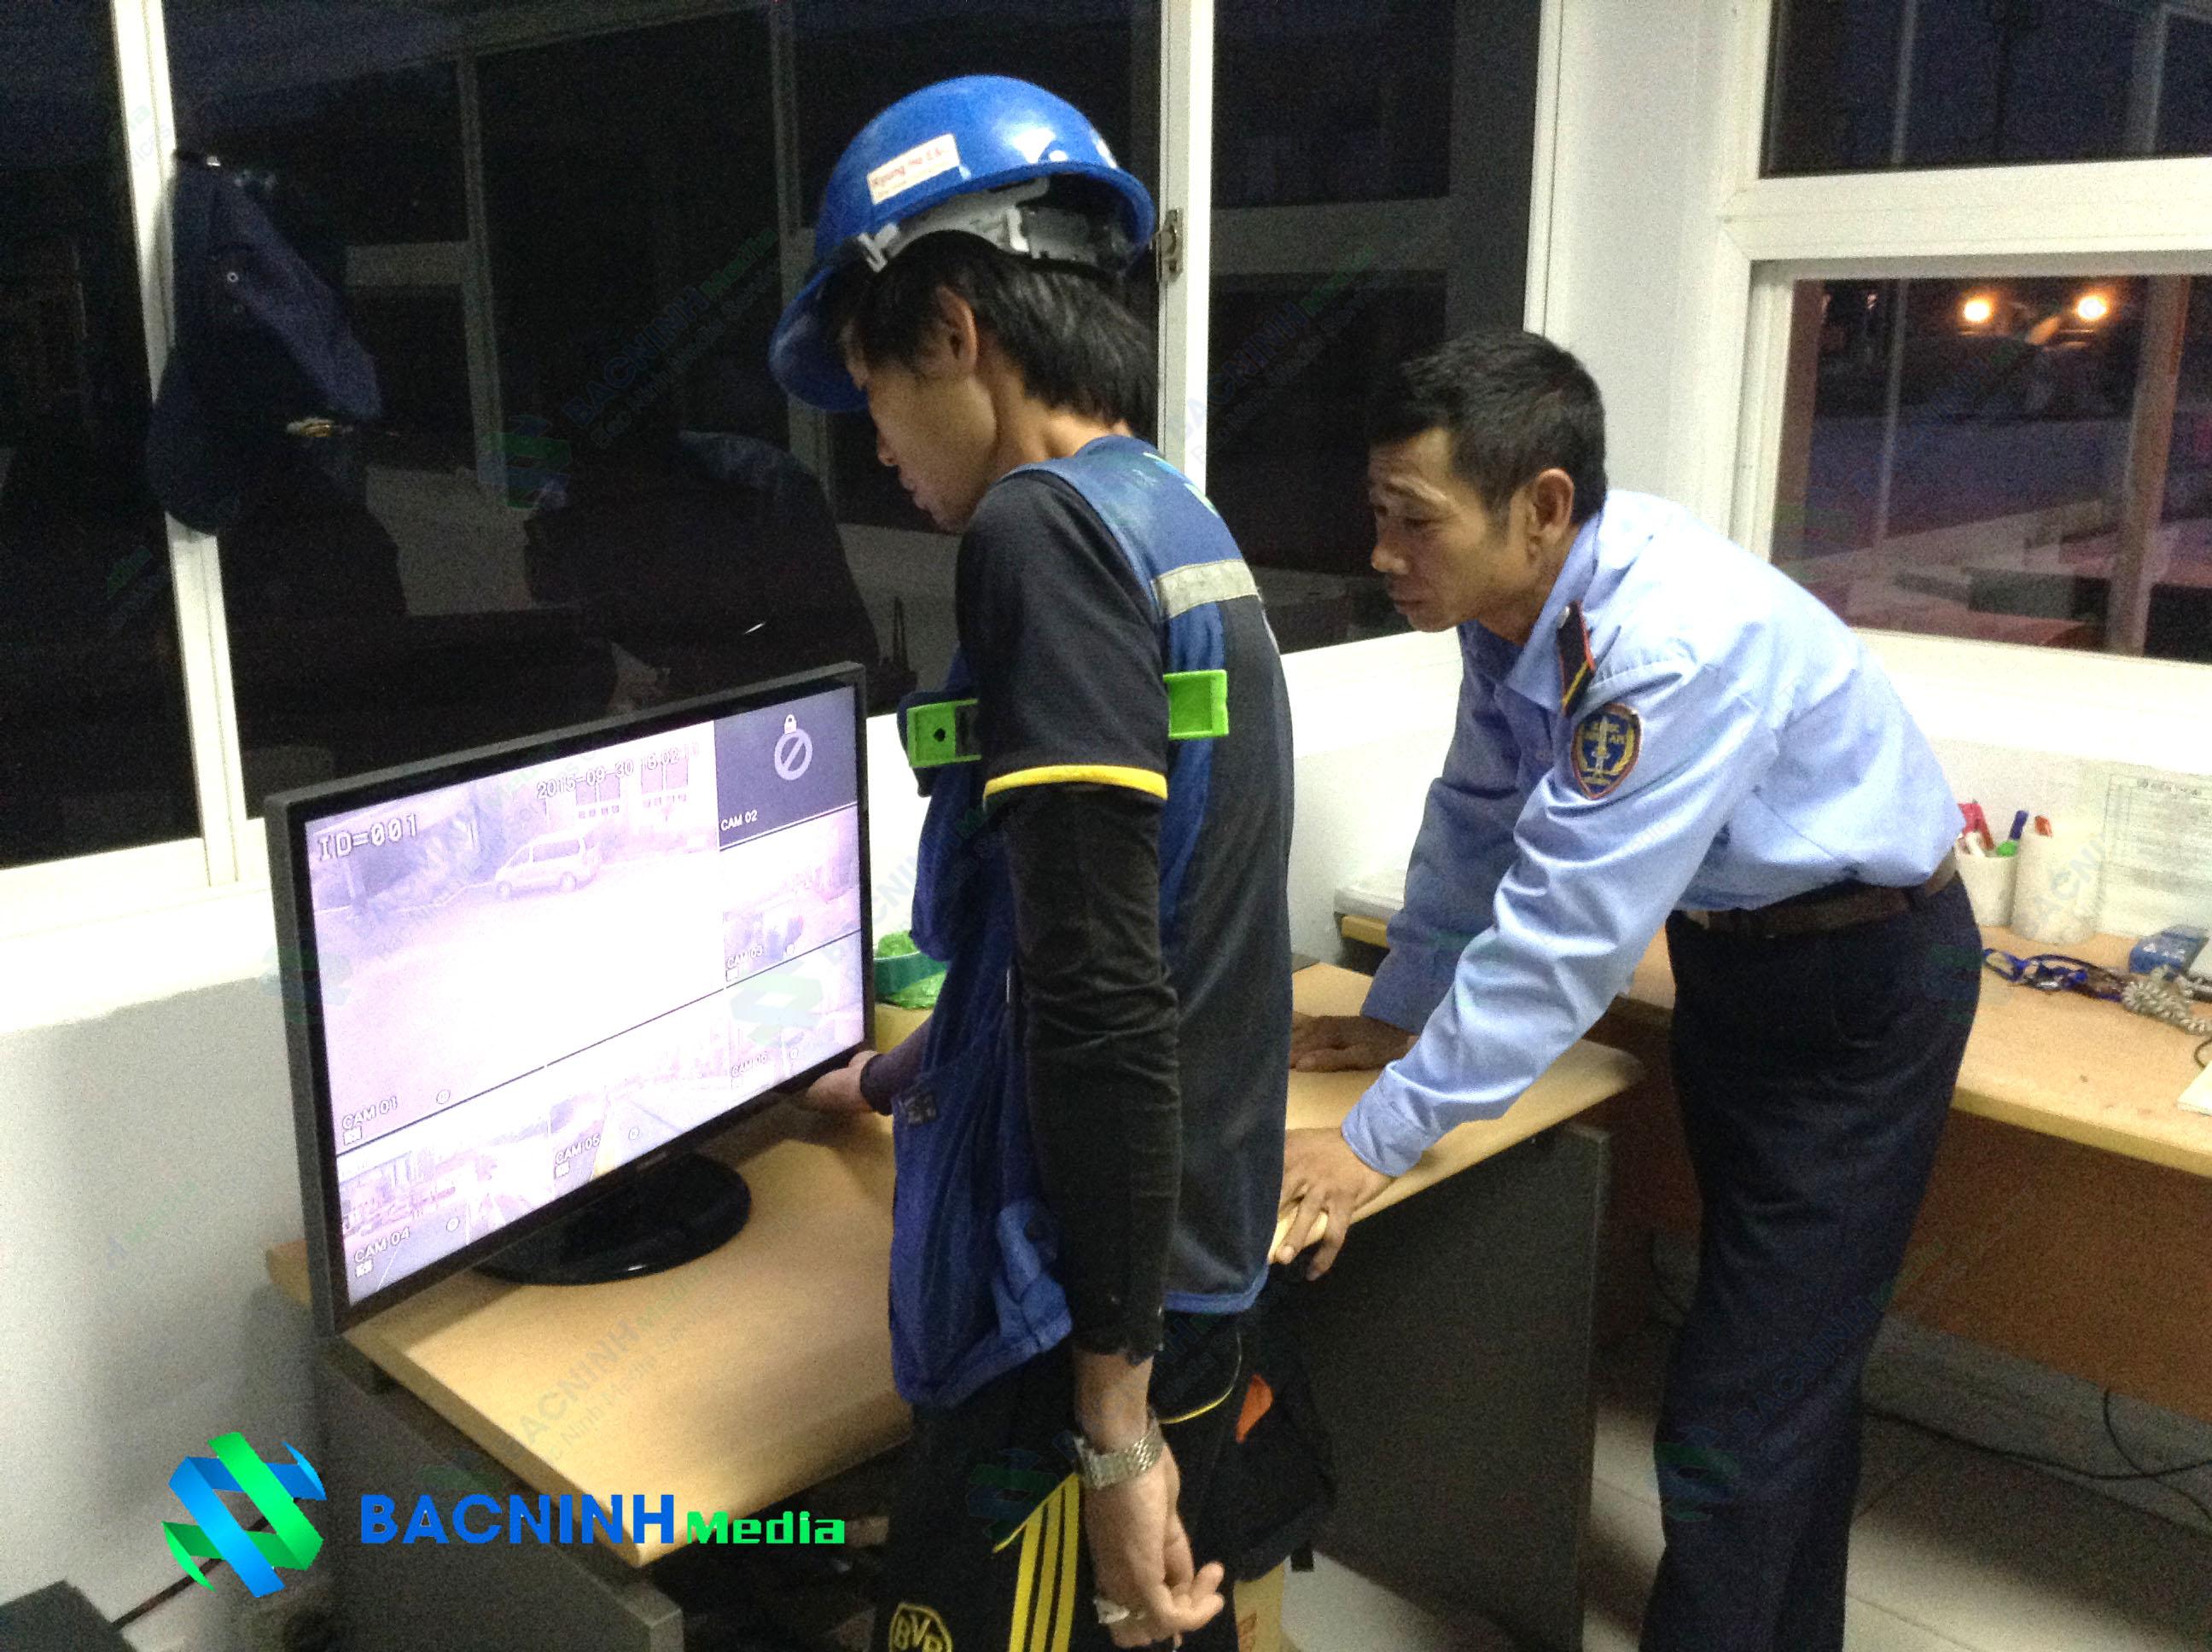 Hướng dẫn nhân viên công ty khách hàng sử dụng quản lí các thiết bị và theo dõi an ninh qua hệ thống camera theo dõi